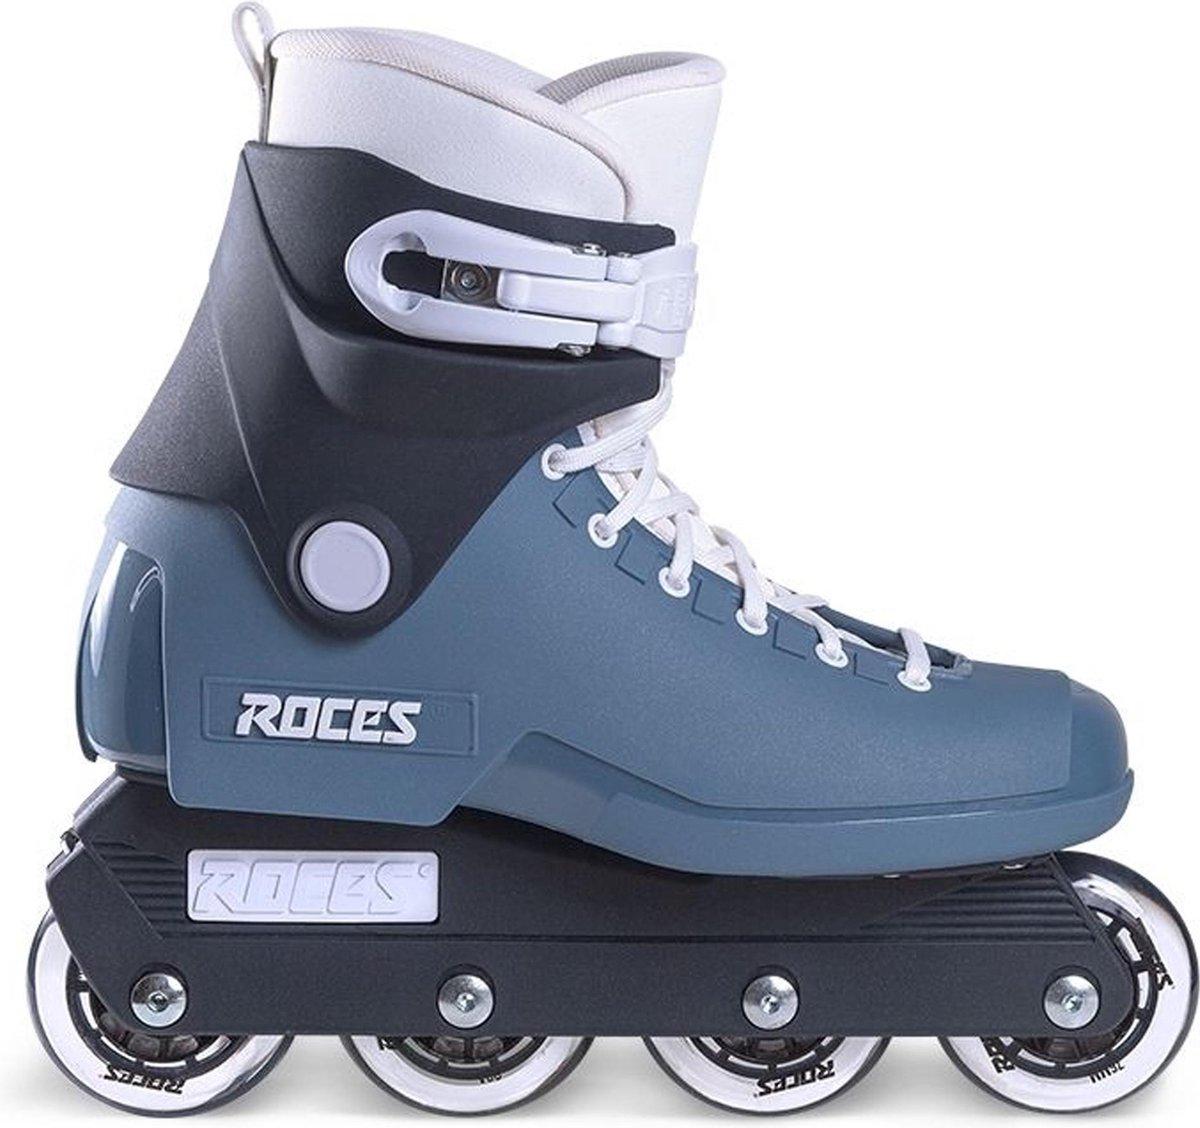 Roces 1992 Inlineskates - Maat 39 - Unisex - grijs/blauw/zwart/wit